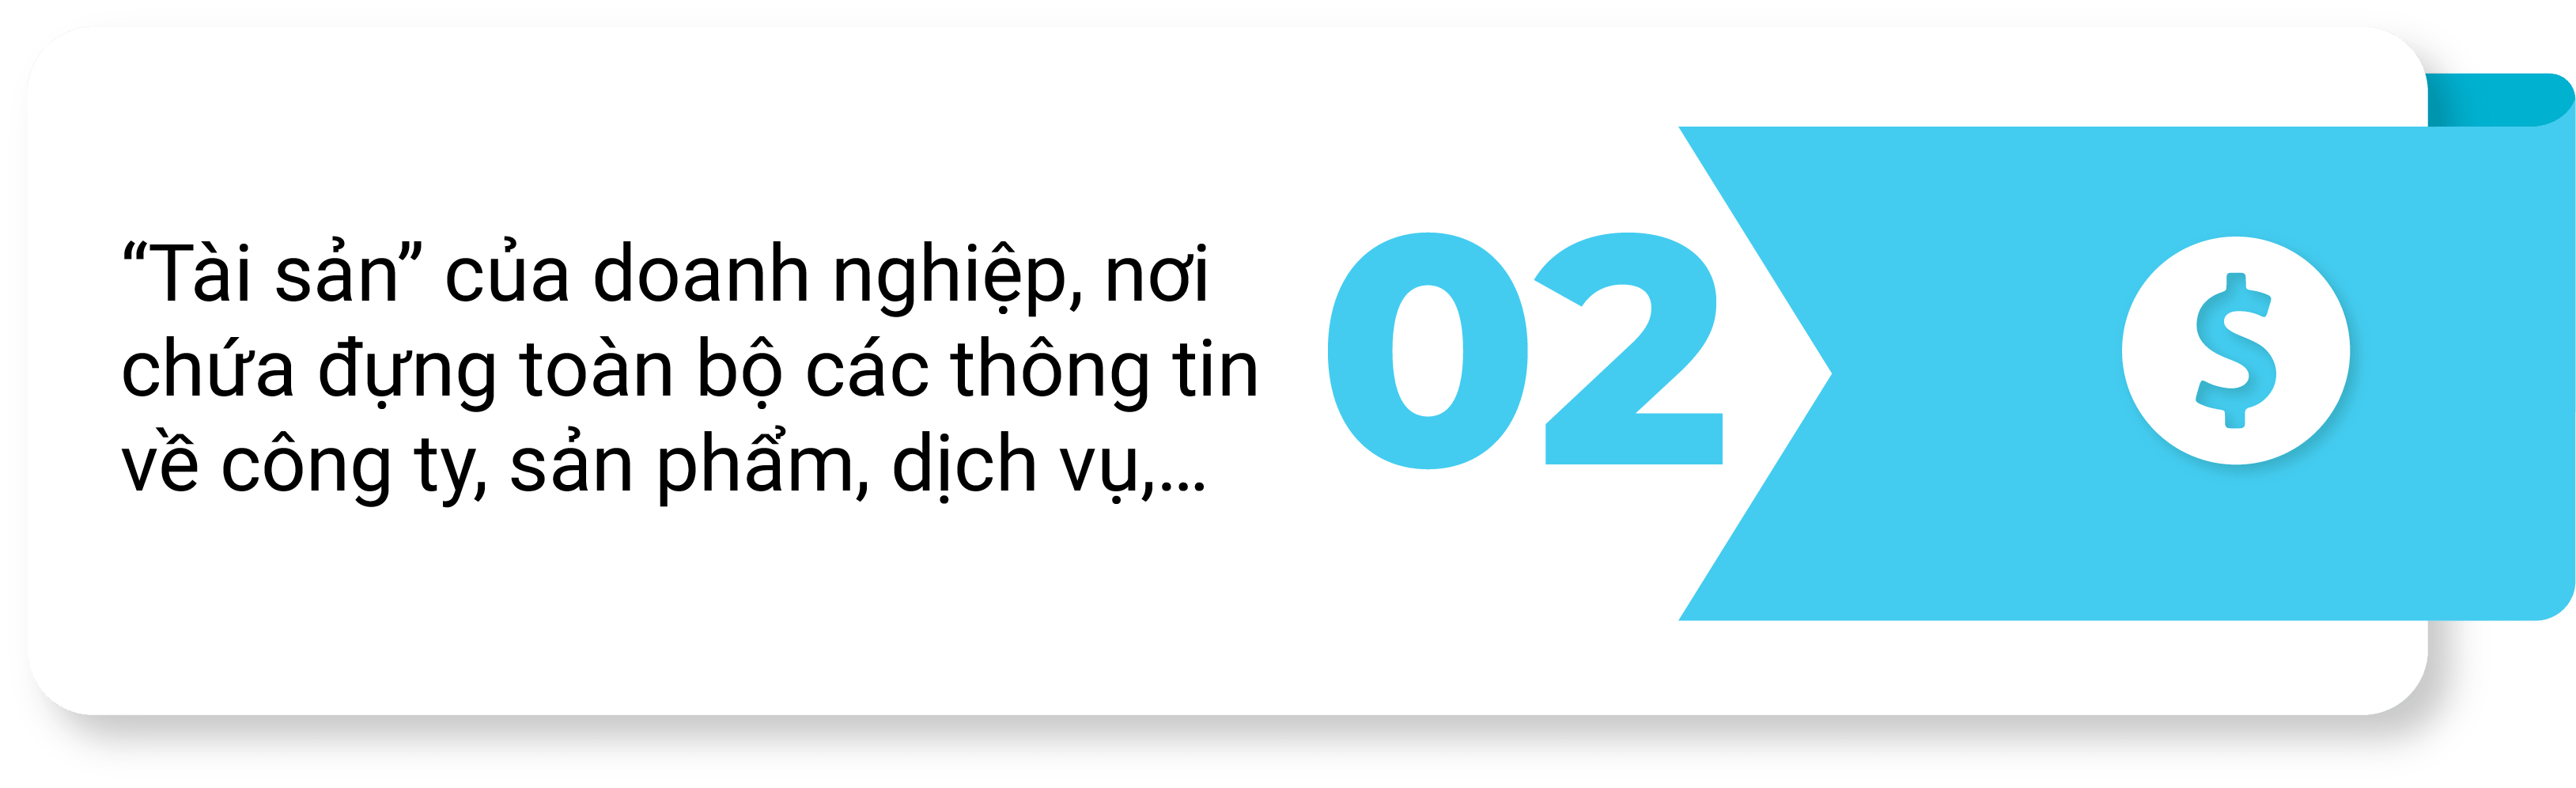 tai-san-cua-doanh-nghiep-min